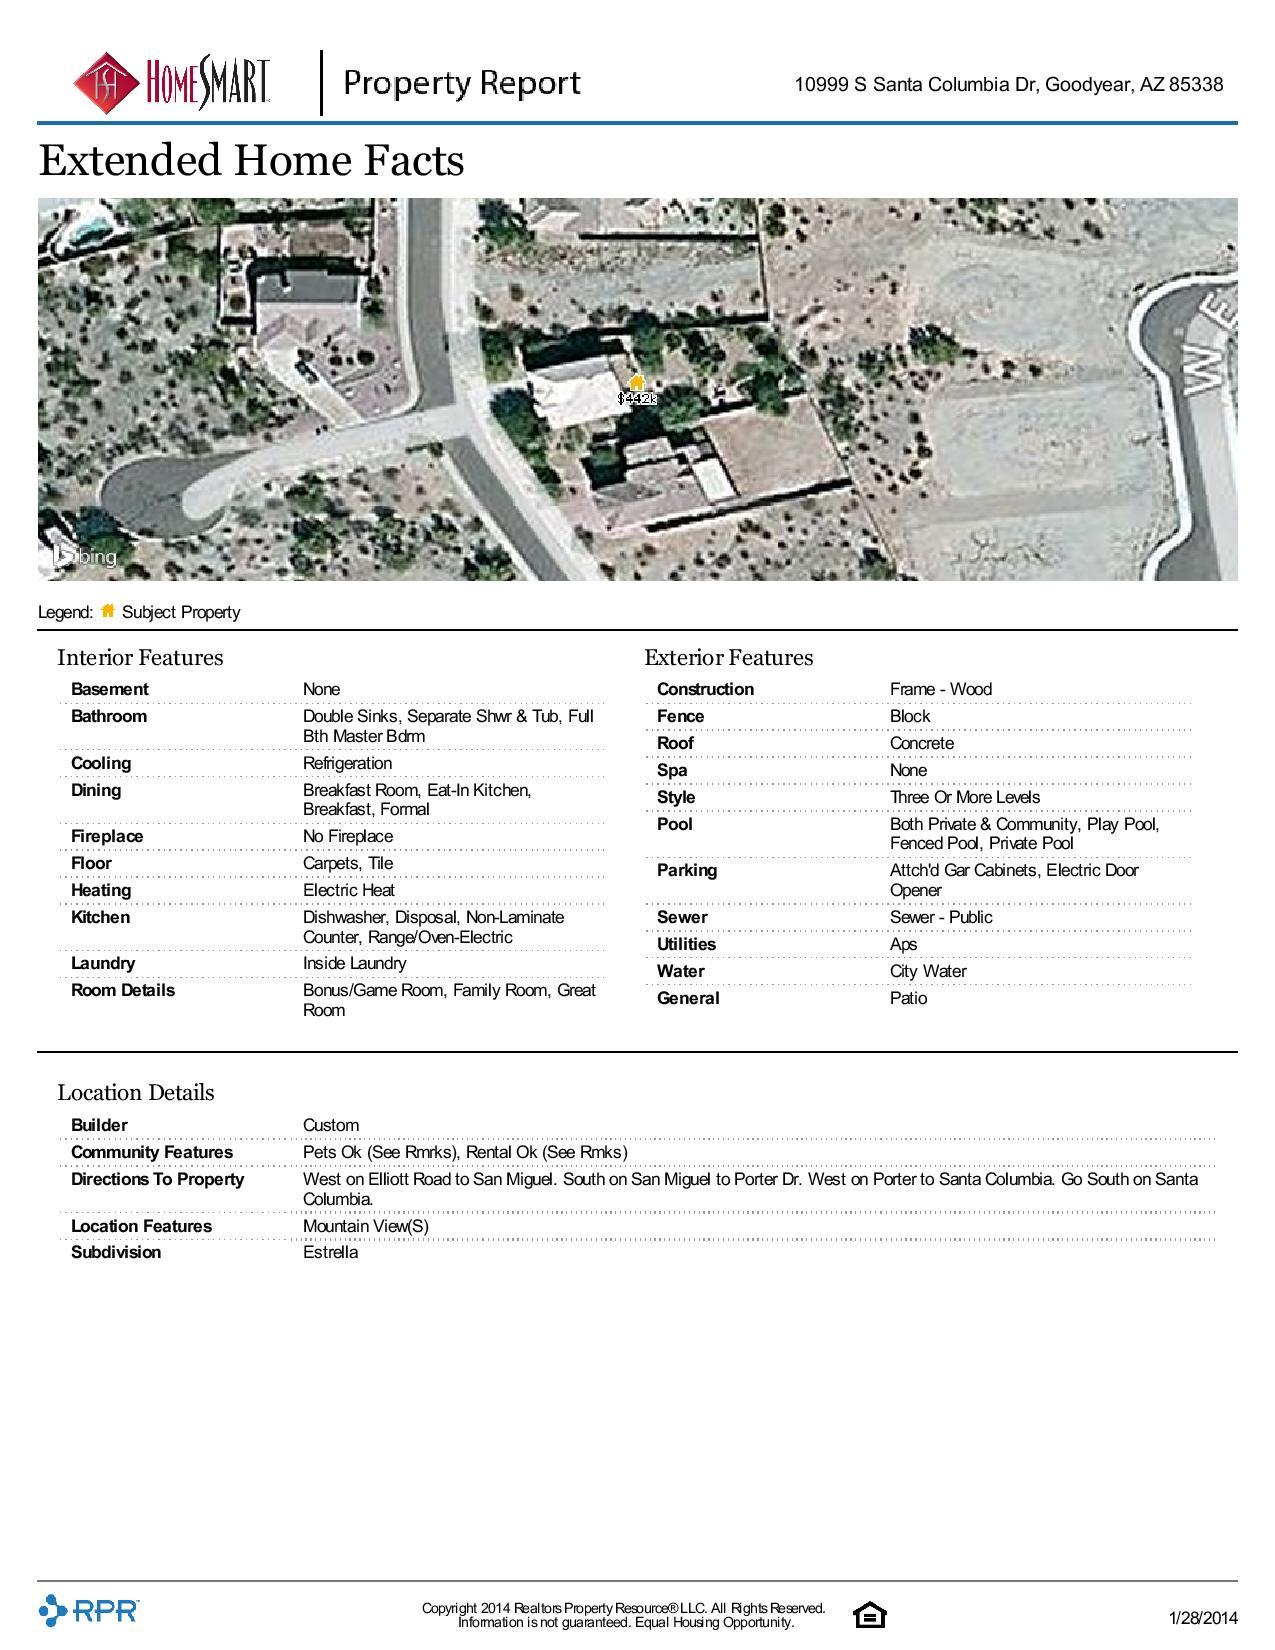 10999-S-Santa-Columbia-Dr-Goodyear-AZ-85338.pdf-page-004